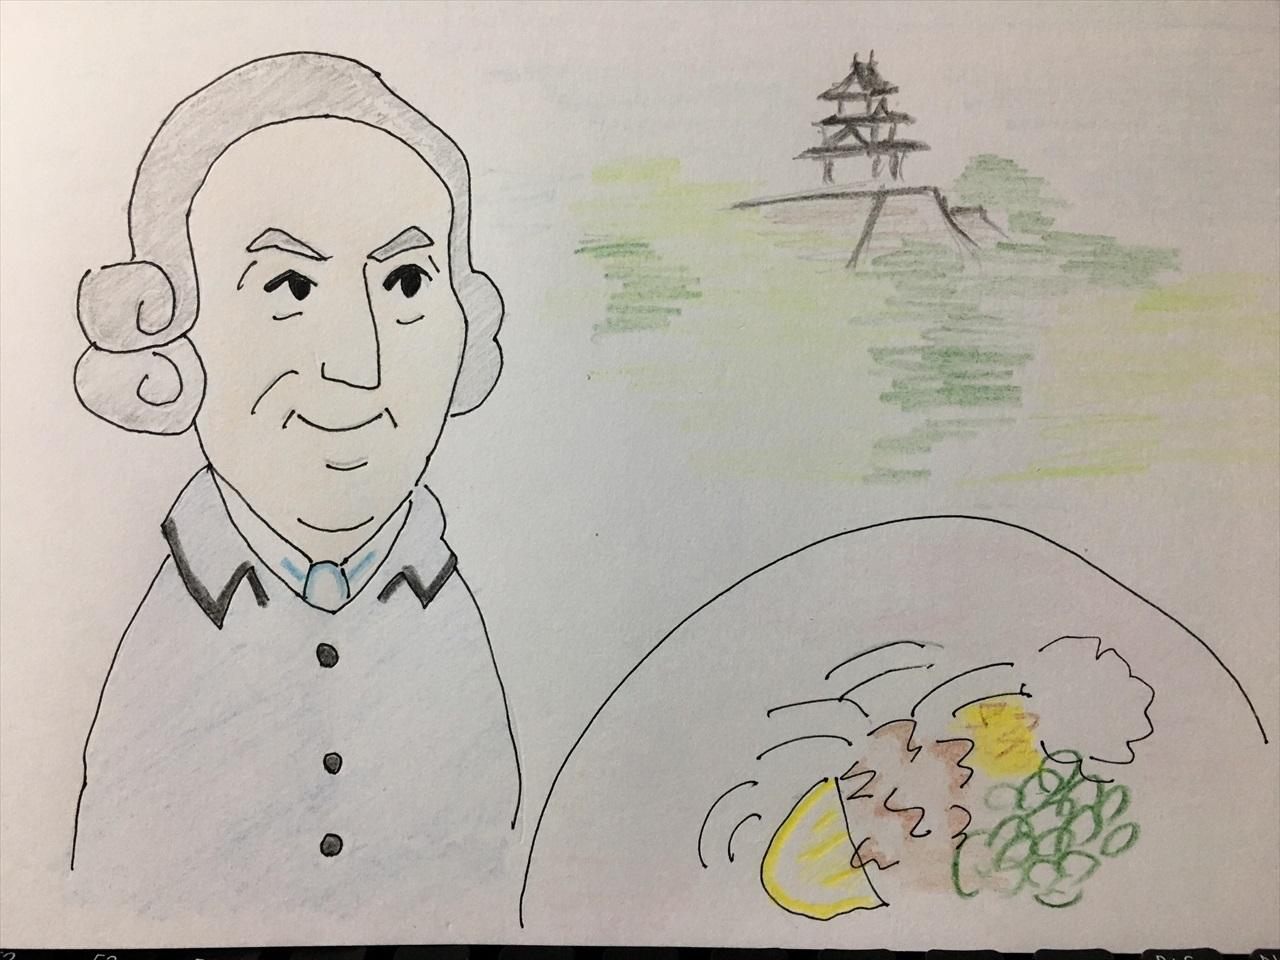 ウジケさんと子ども哲学(9) 「考える」ことから「自覚」へ